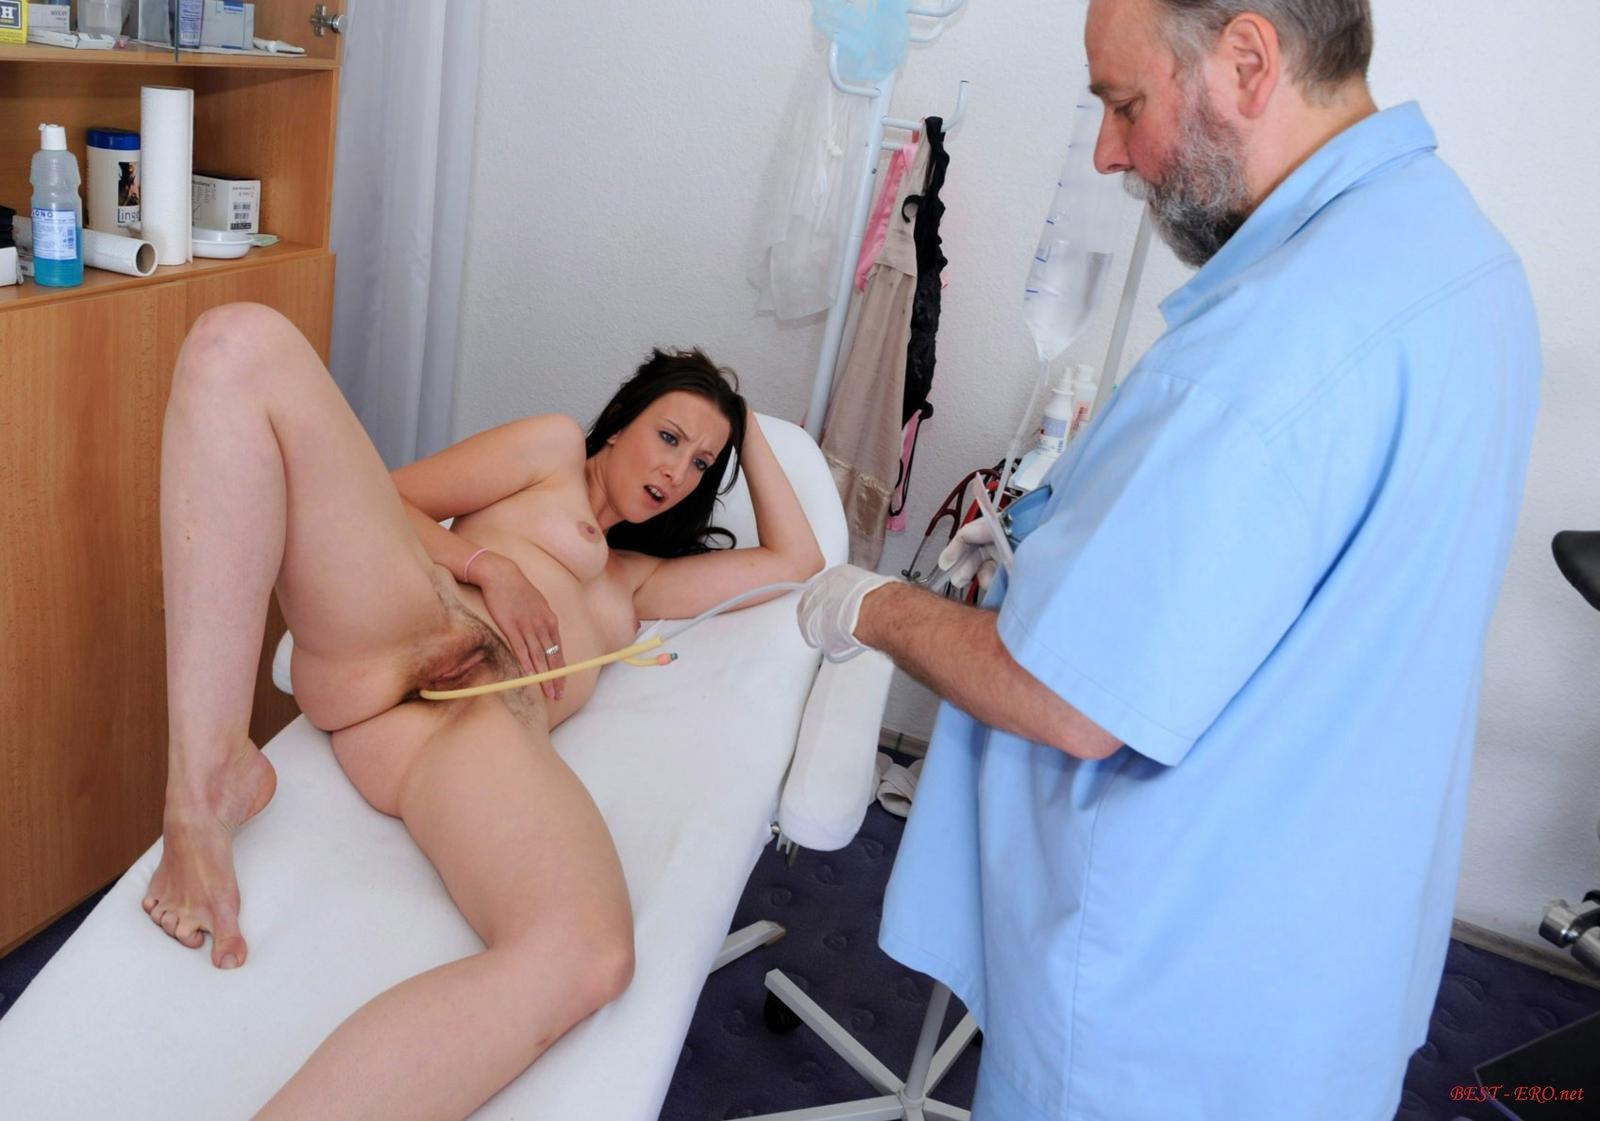 похотливый врач генеколог